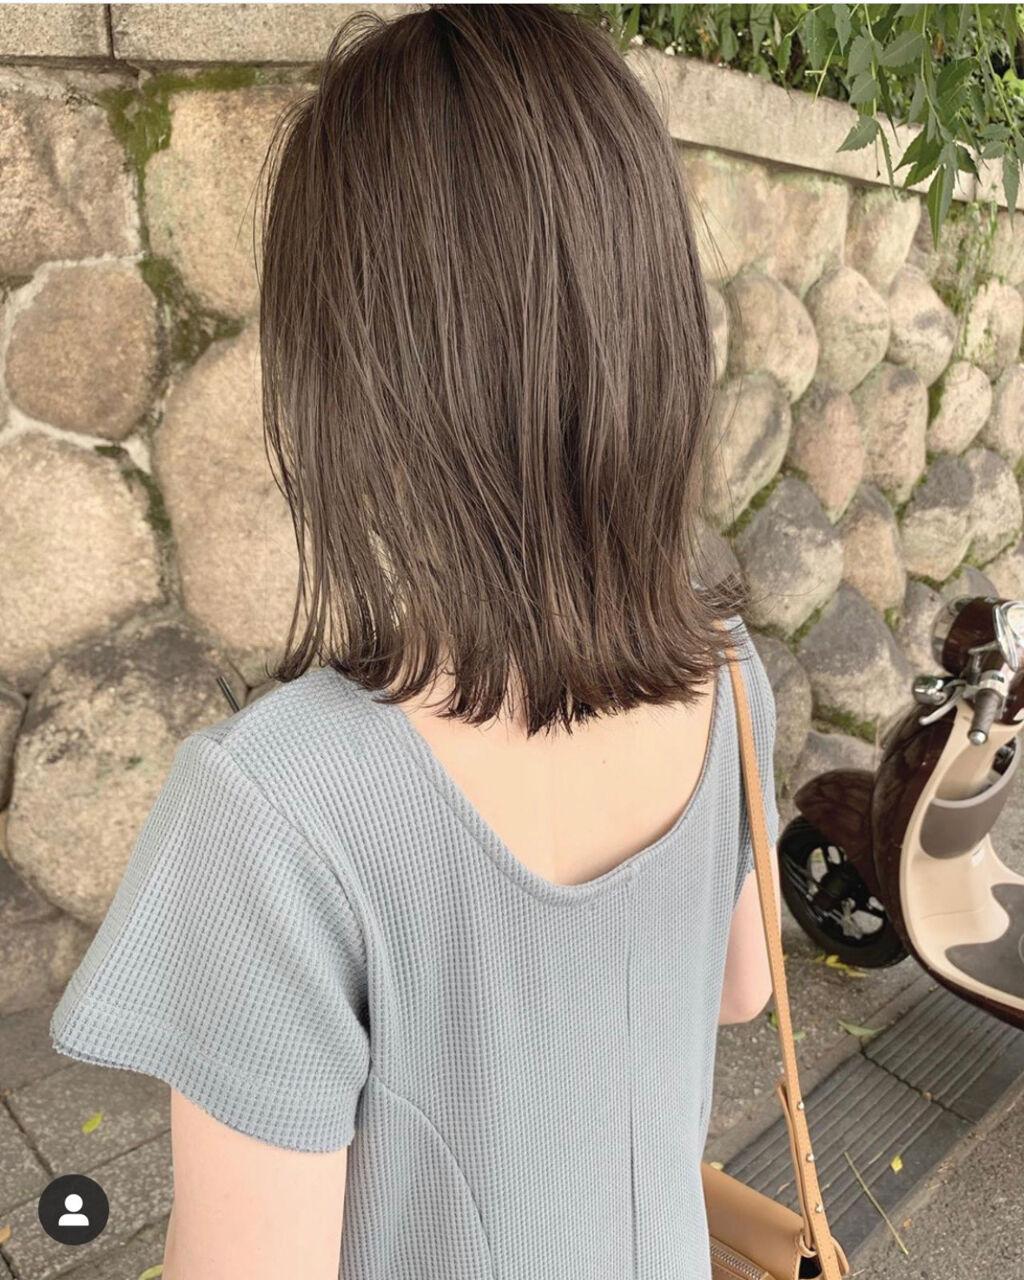 「オイルパックとは?効果やおすすめアイテム、顔&髪へのやり方を解説!」の画像(#169402)